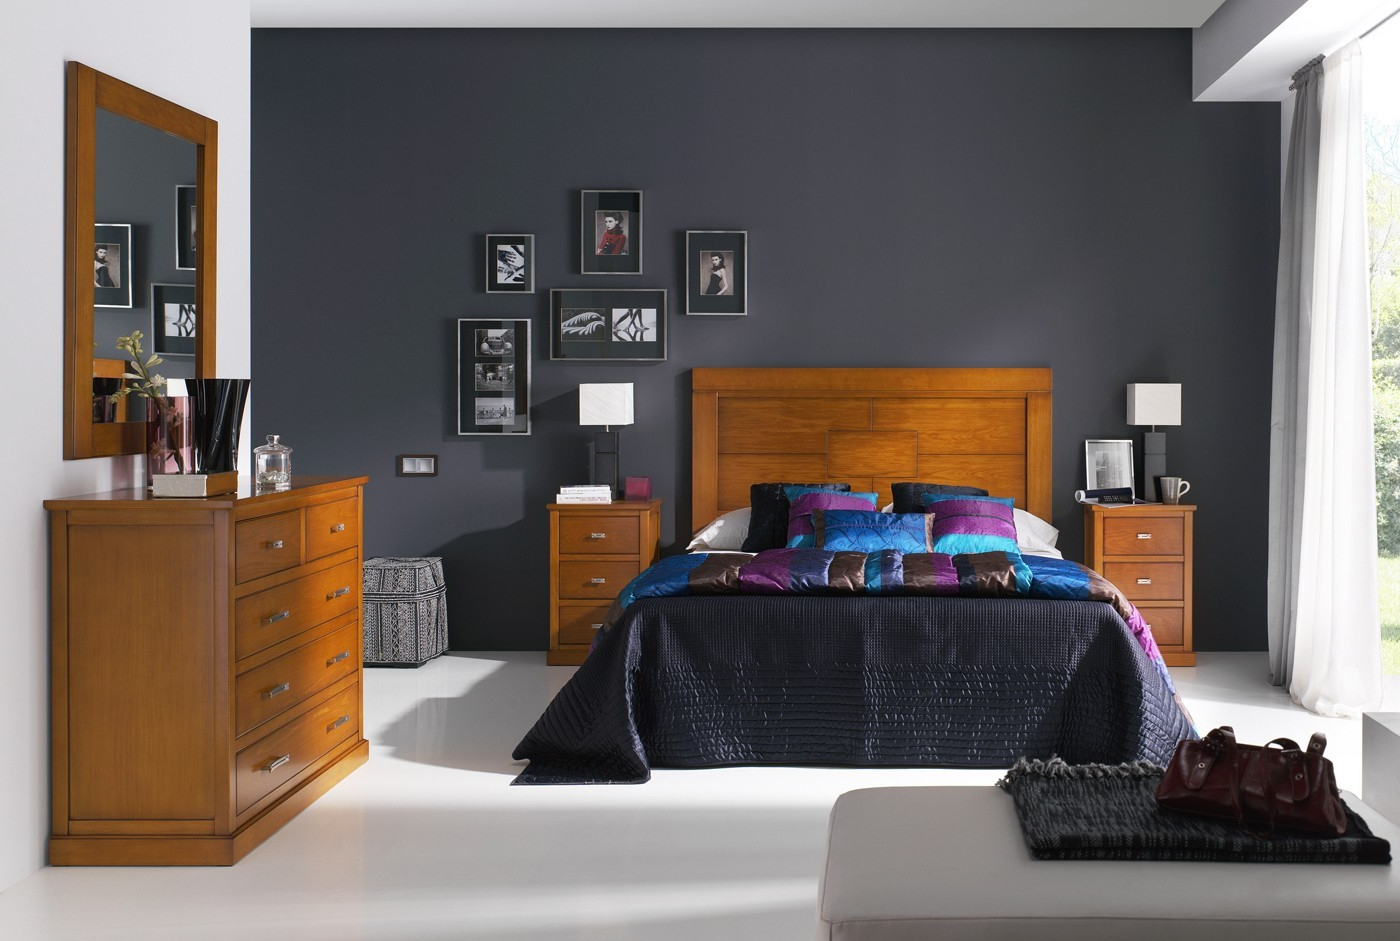 Muebles De Dormitorio Qwdq Muebles De Dormitorio De Matrimonio Moderno